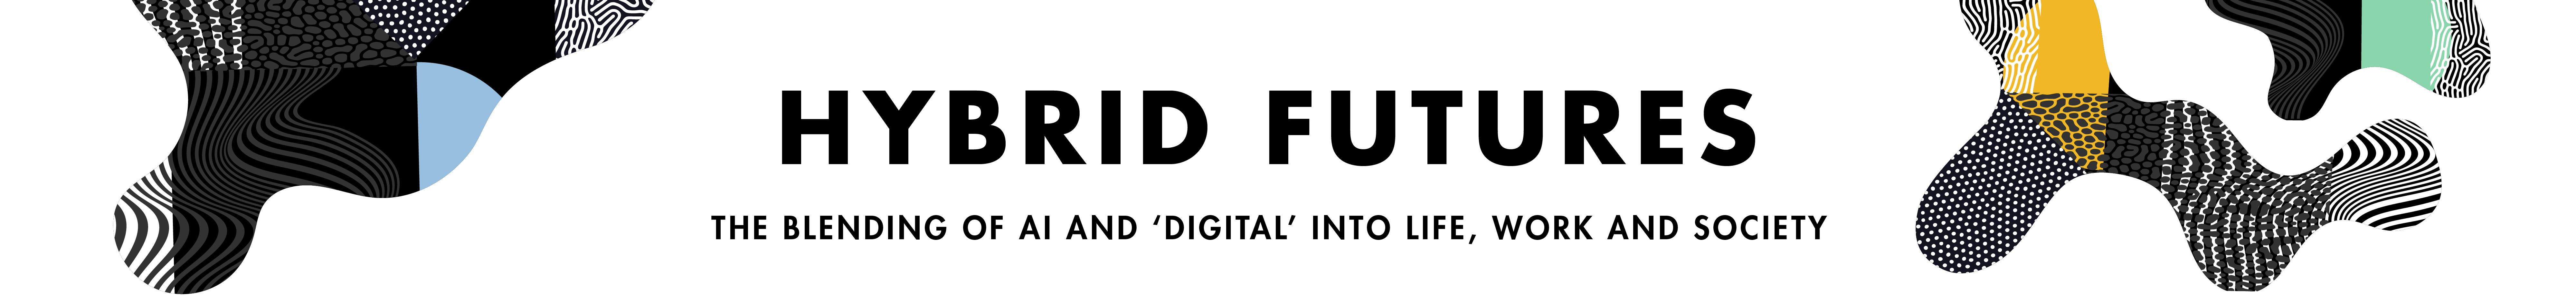 Header image for Digital Day 2021